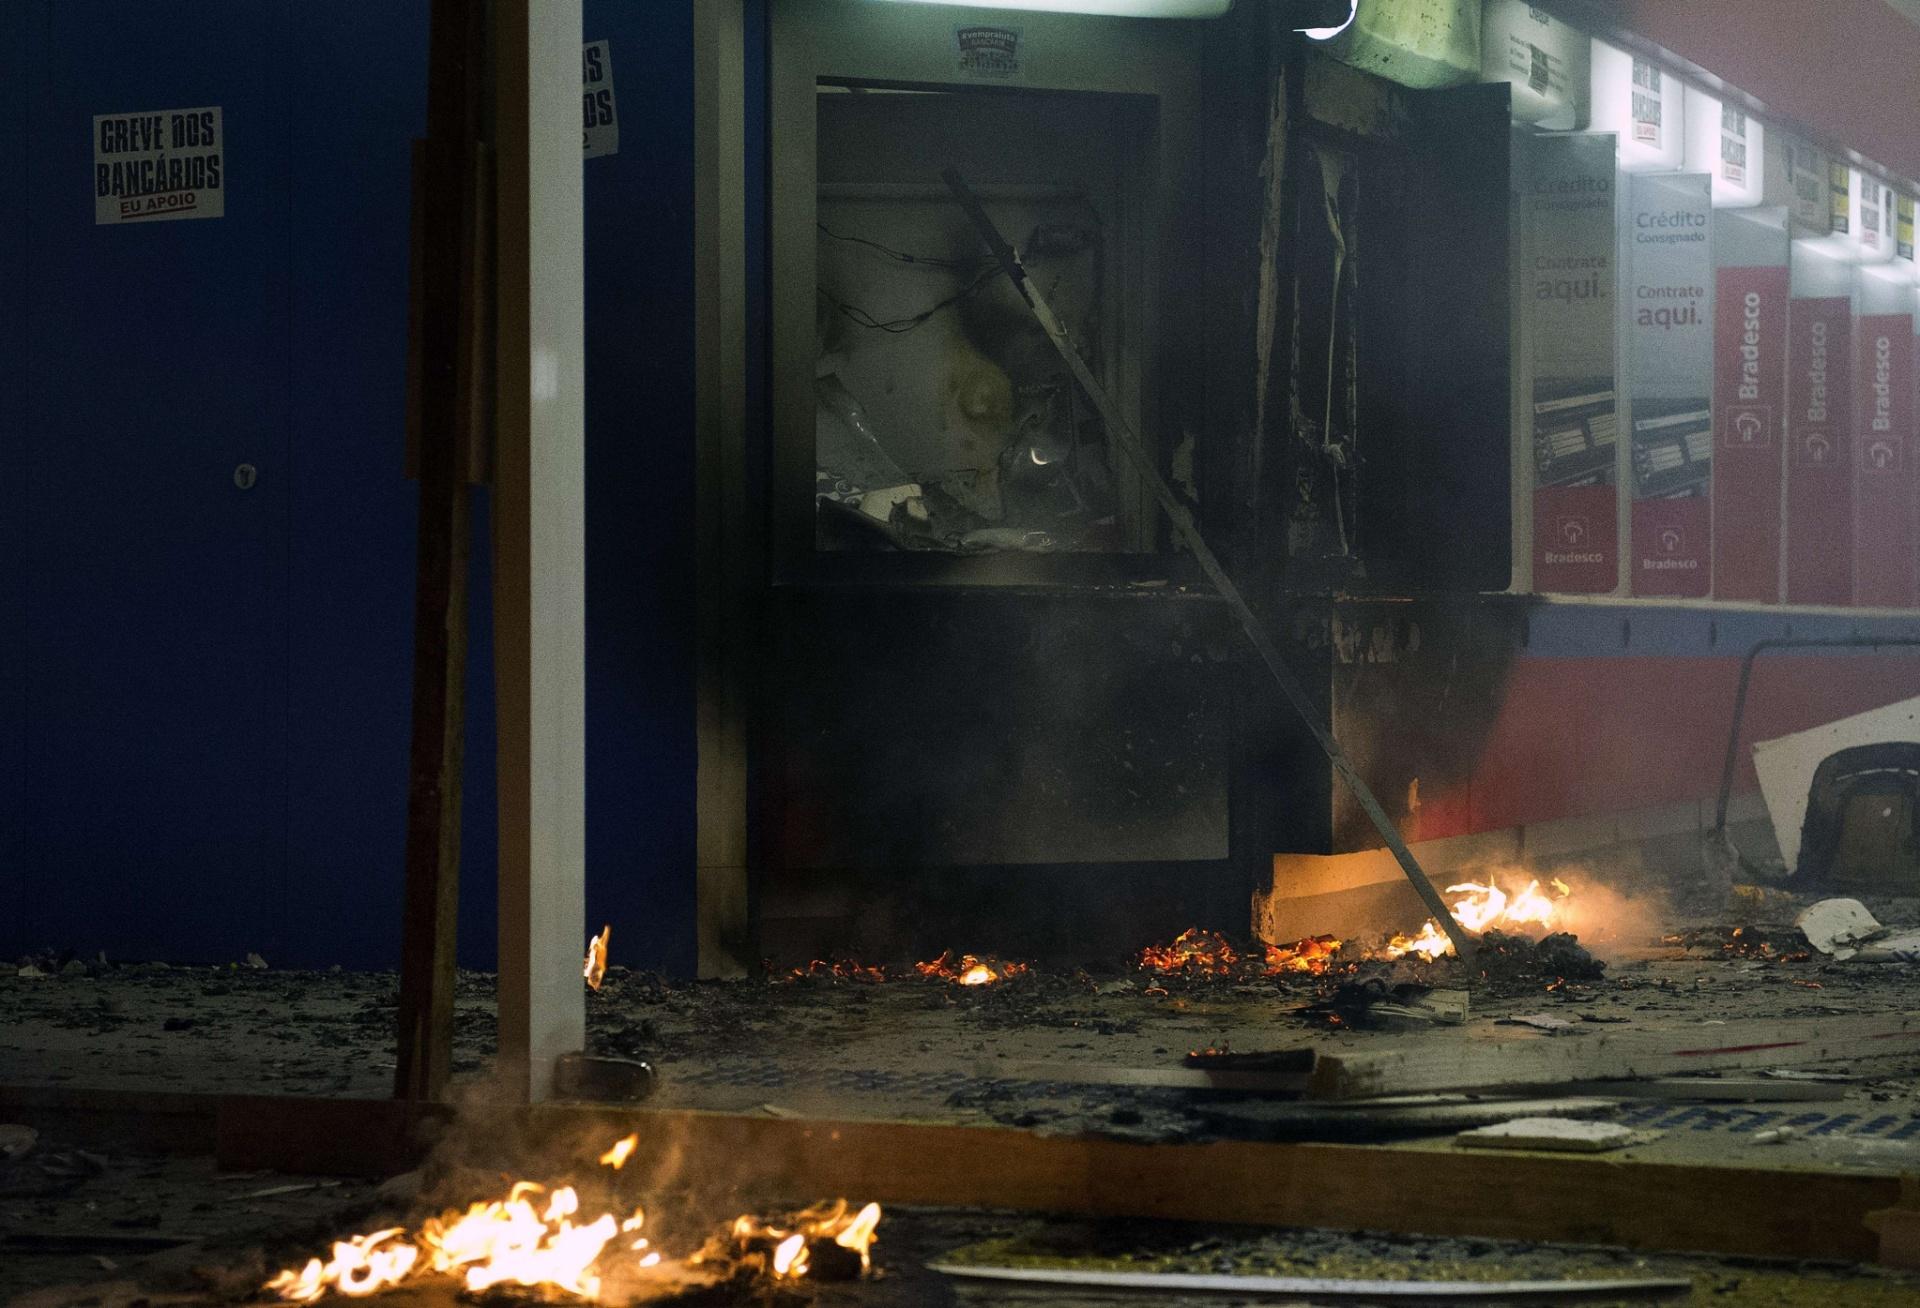 7.out.2013 - Grupo depredou agência bancárias no centro do Rio de Janeiro na noite desta segunda. Manifestantes tentaram invadir a Câmara Municipal